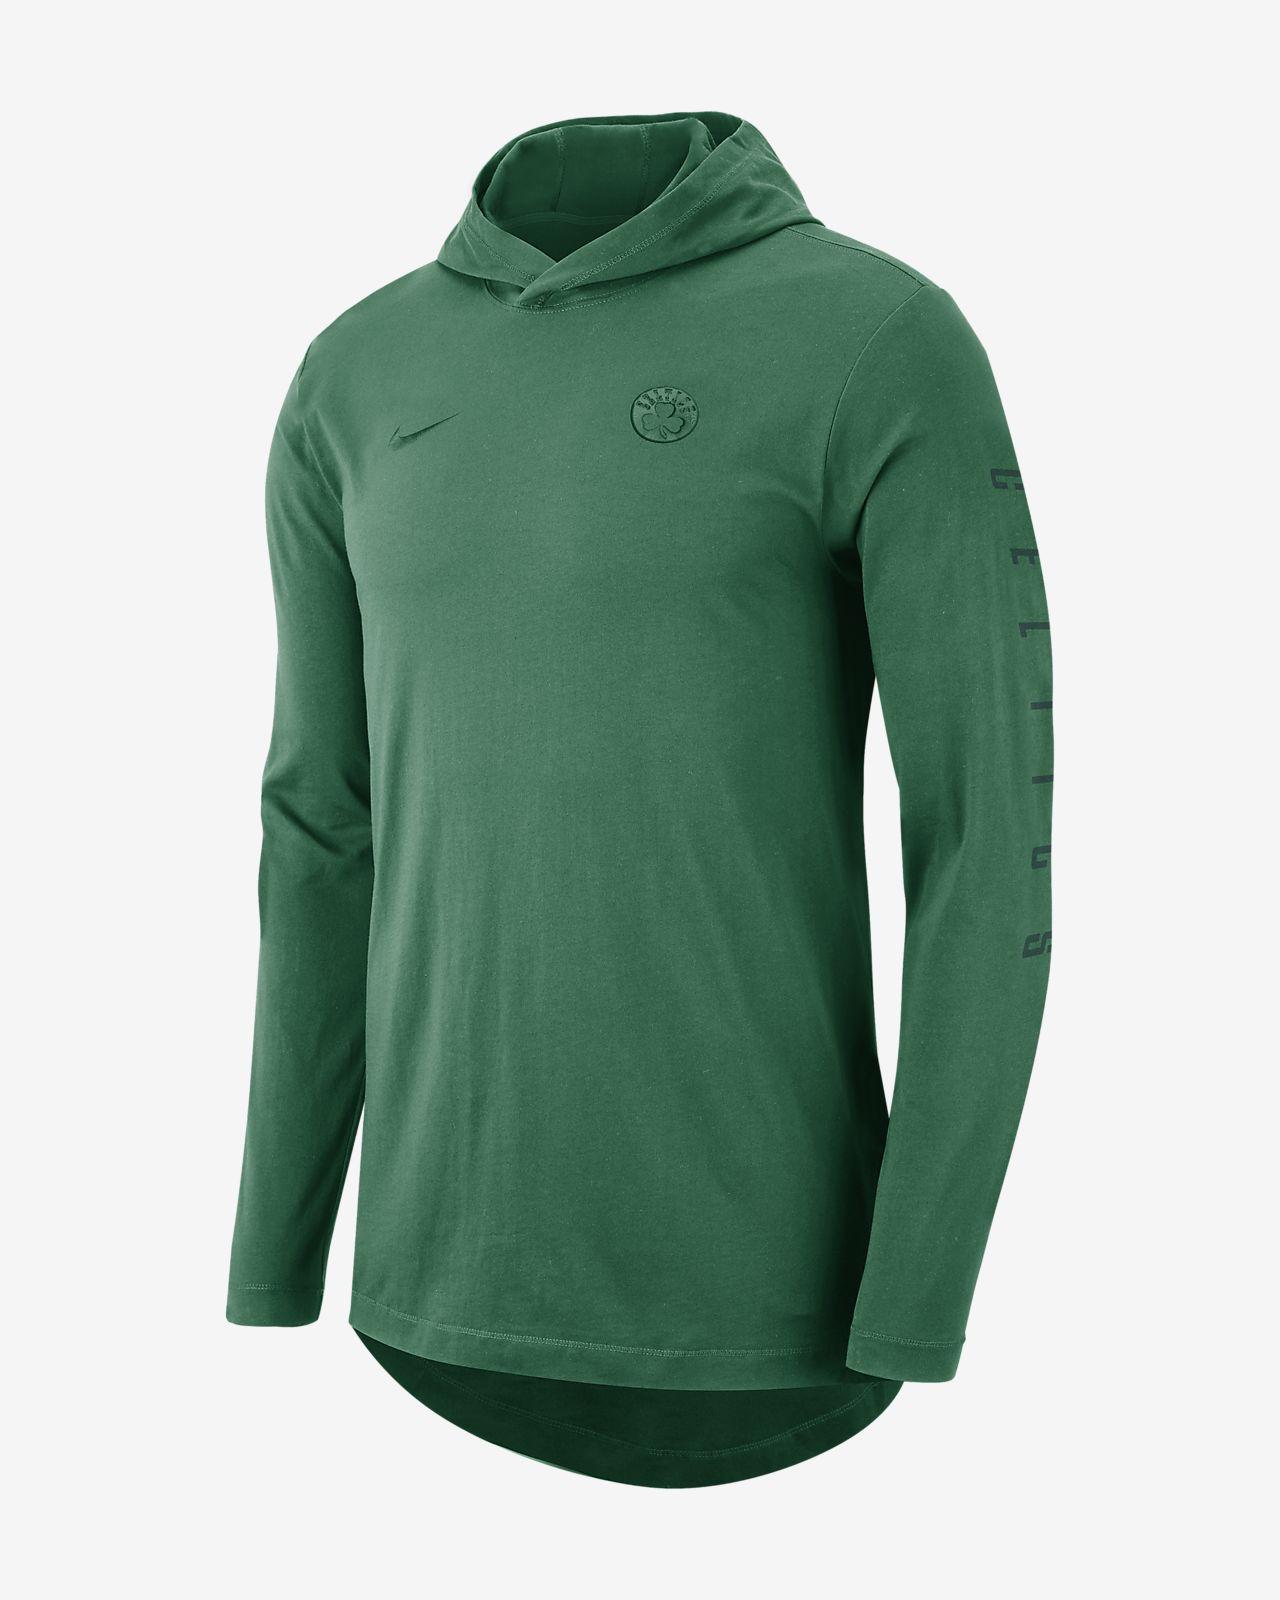 39d0d43f5acb8b Boston Celtics Nike Men s Hooded Long-Sleeve NBA T-Shirt. Nike.com